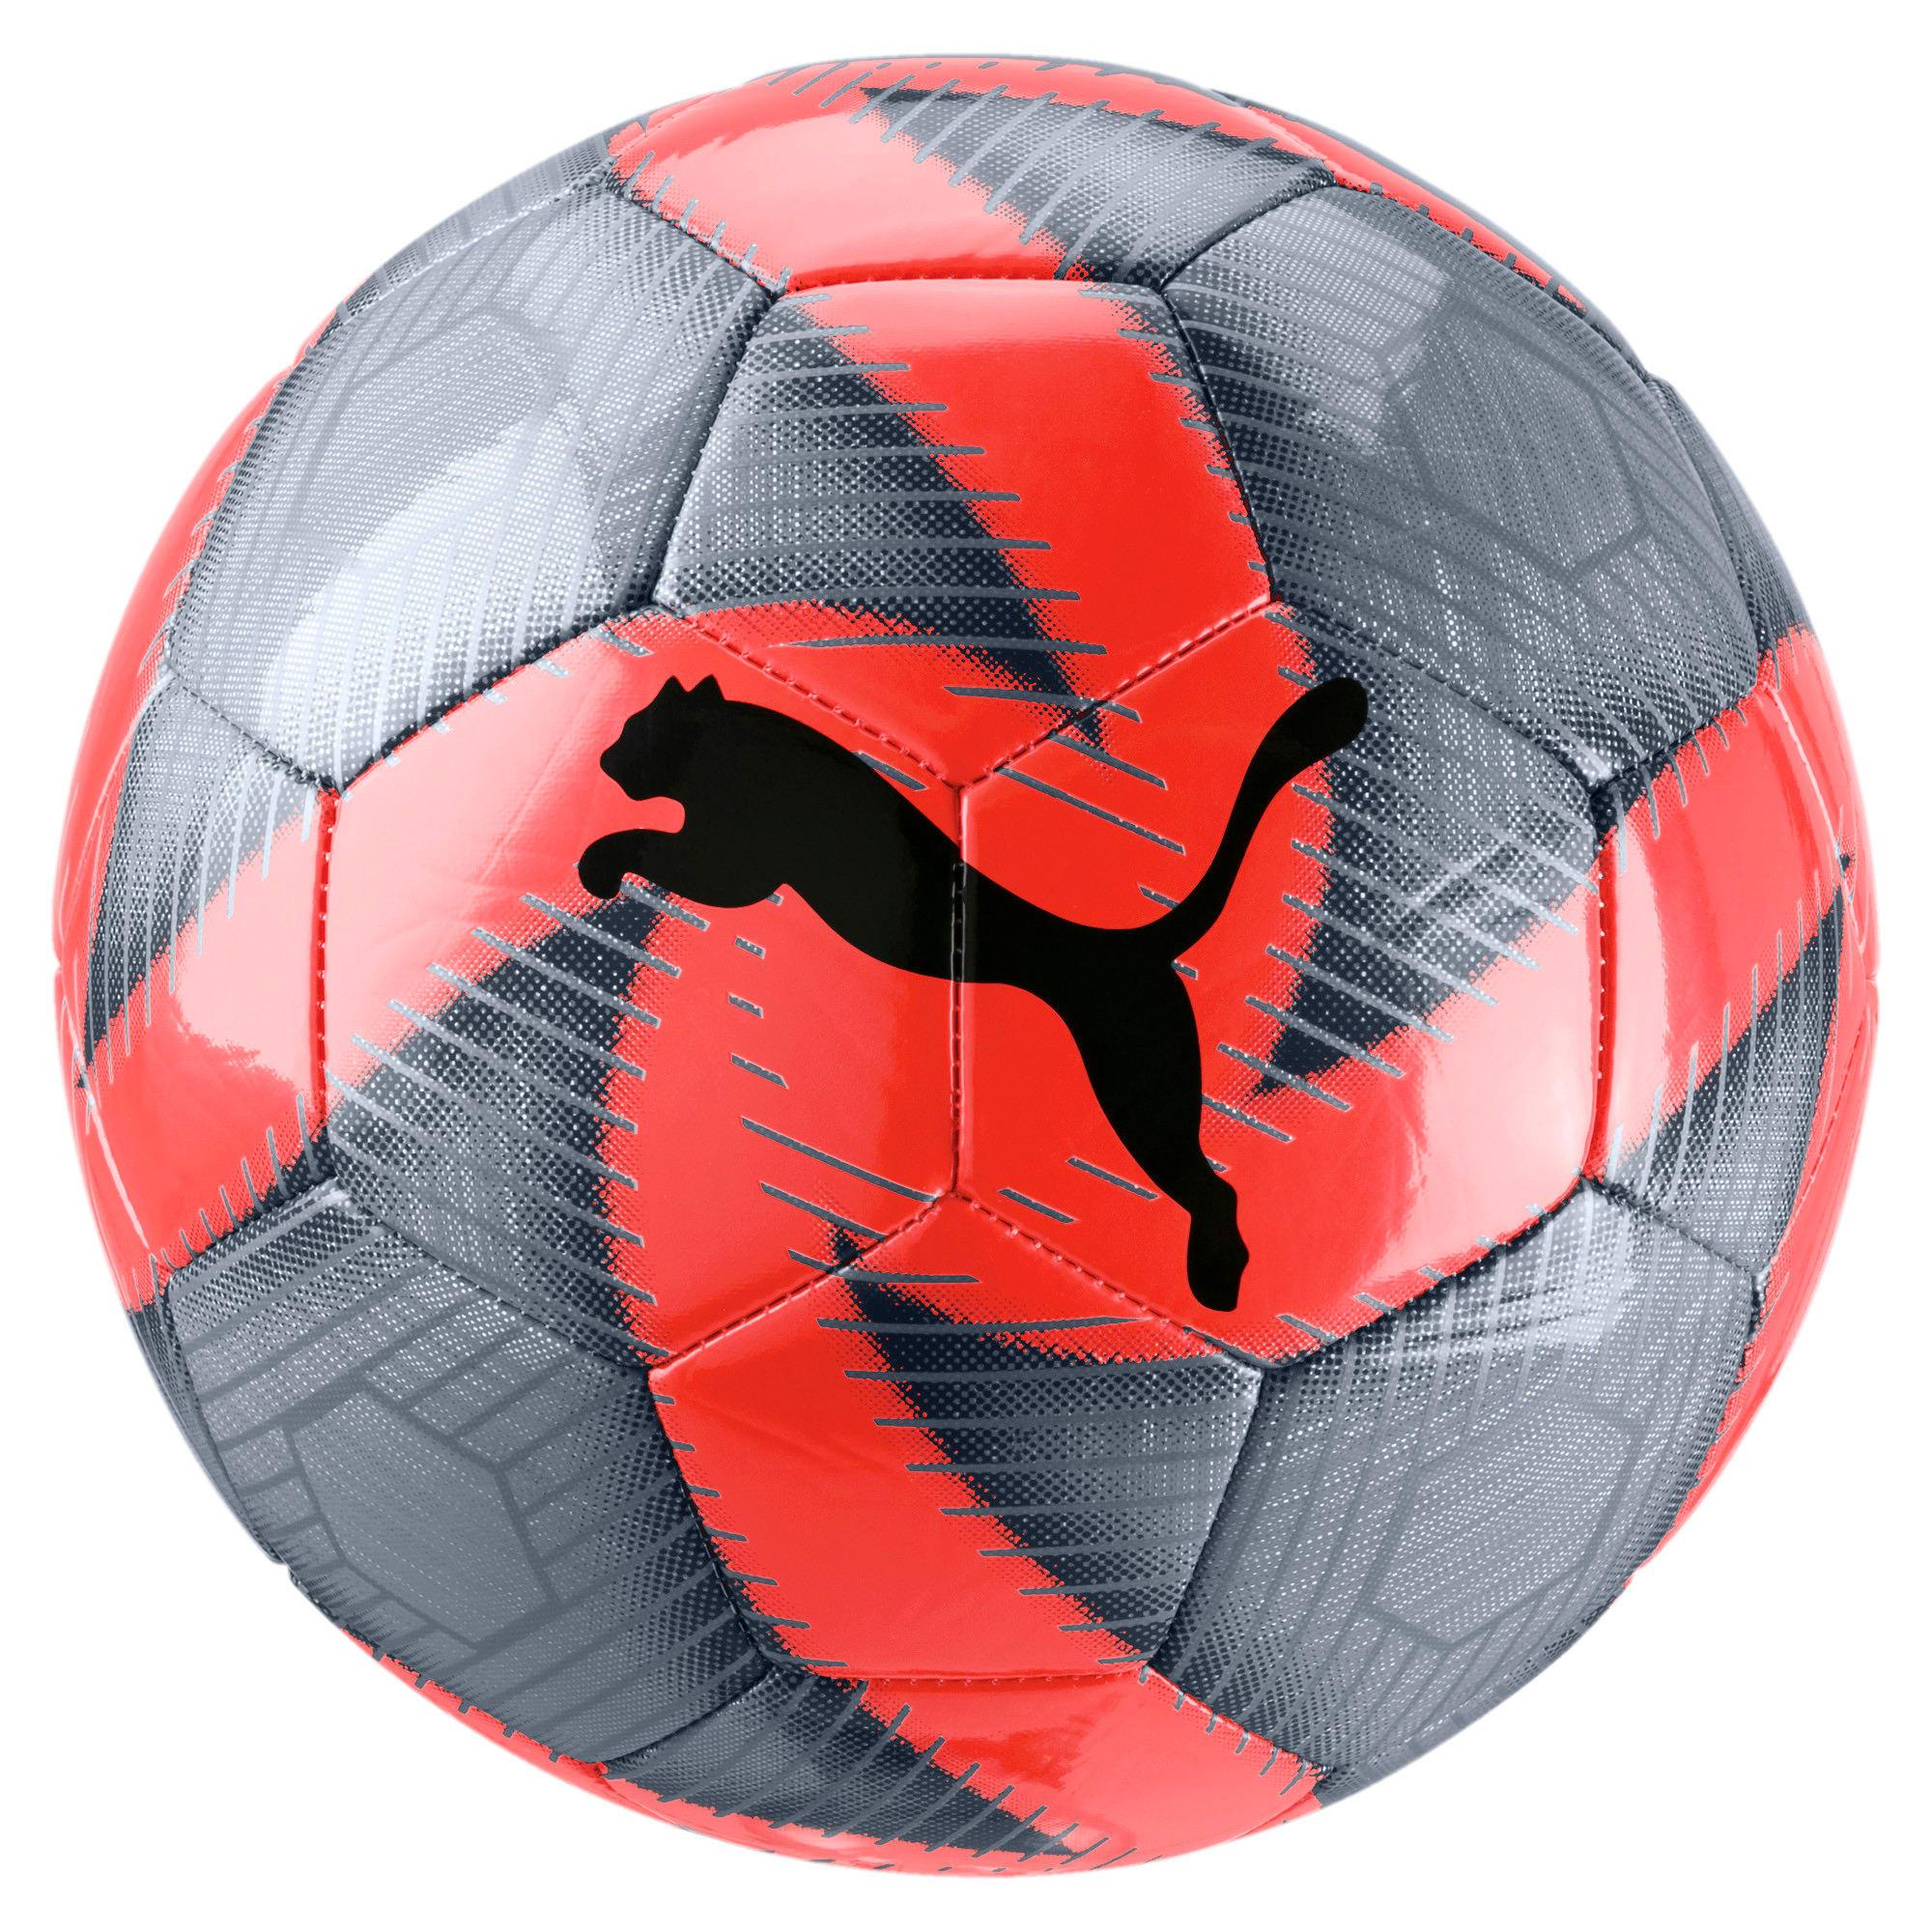 Miniatura 1 de Pelota de fútbol FUTURE Flare, Grey-Nrgy Red-Asphalt-White, mediano